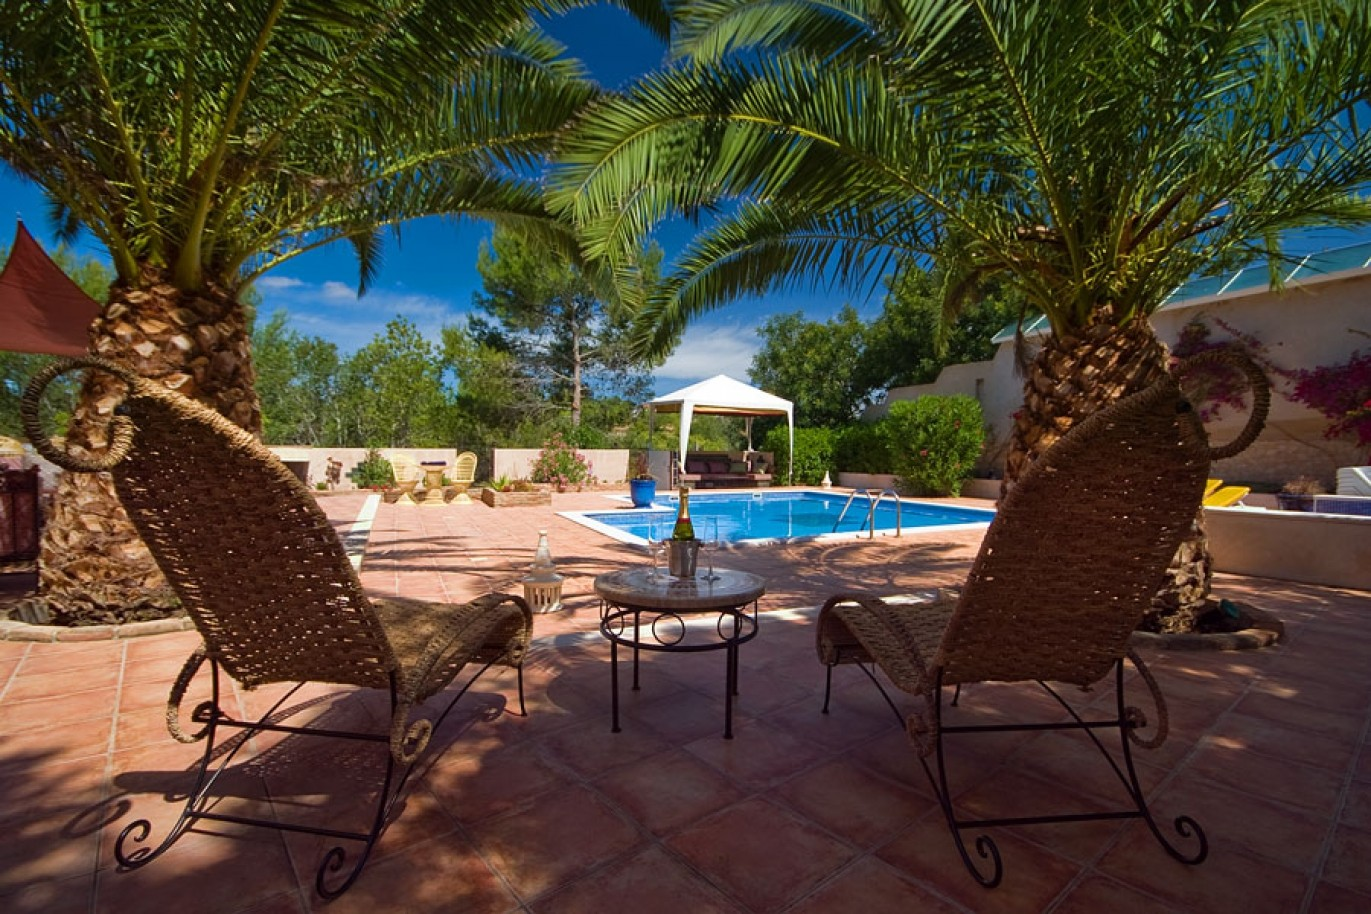 villa-for-sale-pool-near-beach-golf-armacao-pera-algarve-portugal